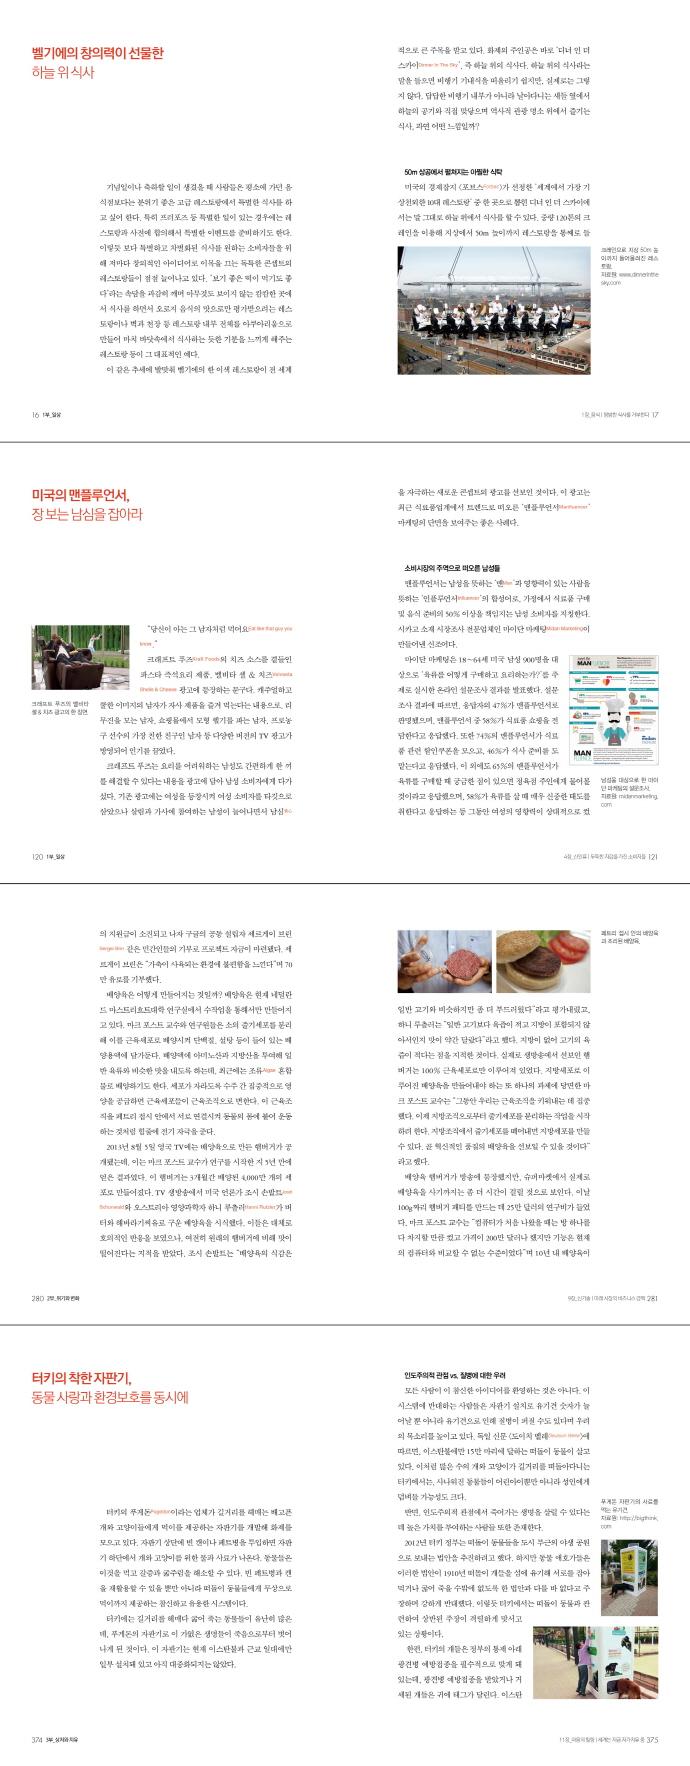 2015 한국을 뒤흔들 12가지 트렌드 도서 상세이미지